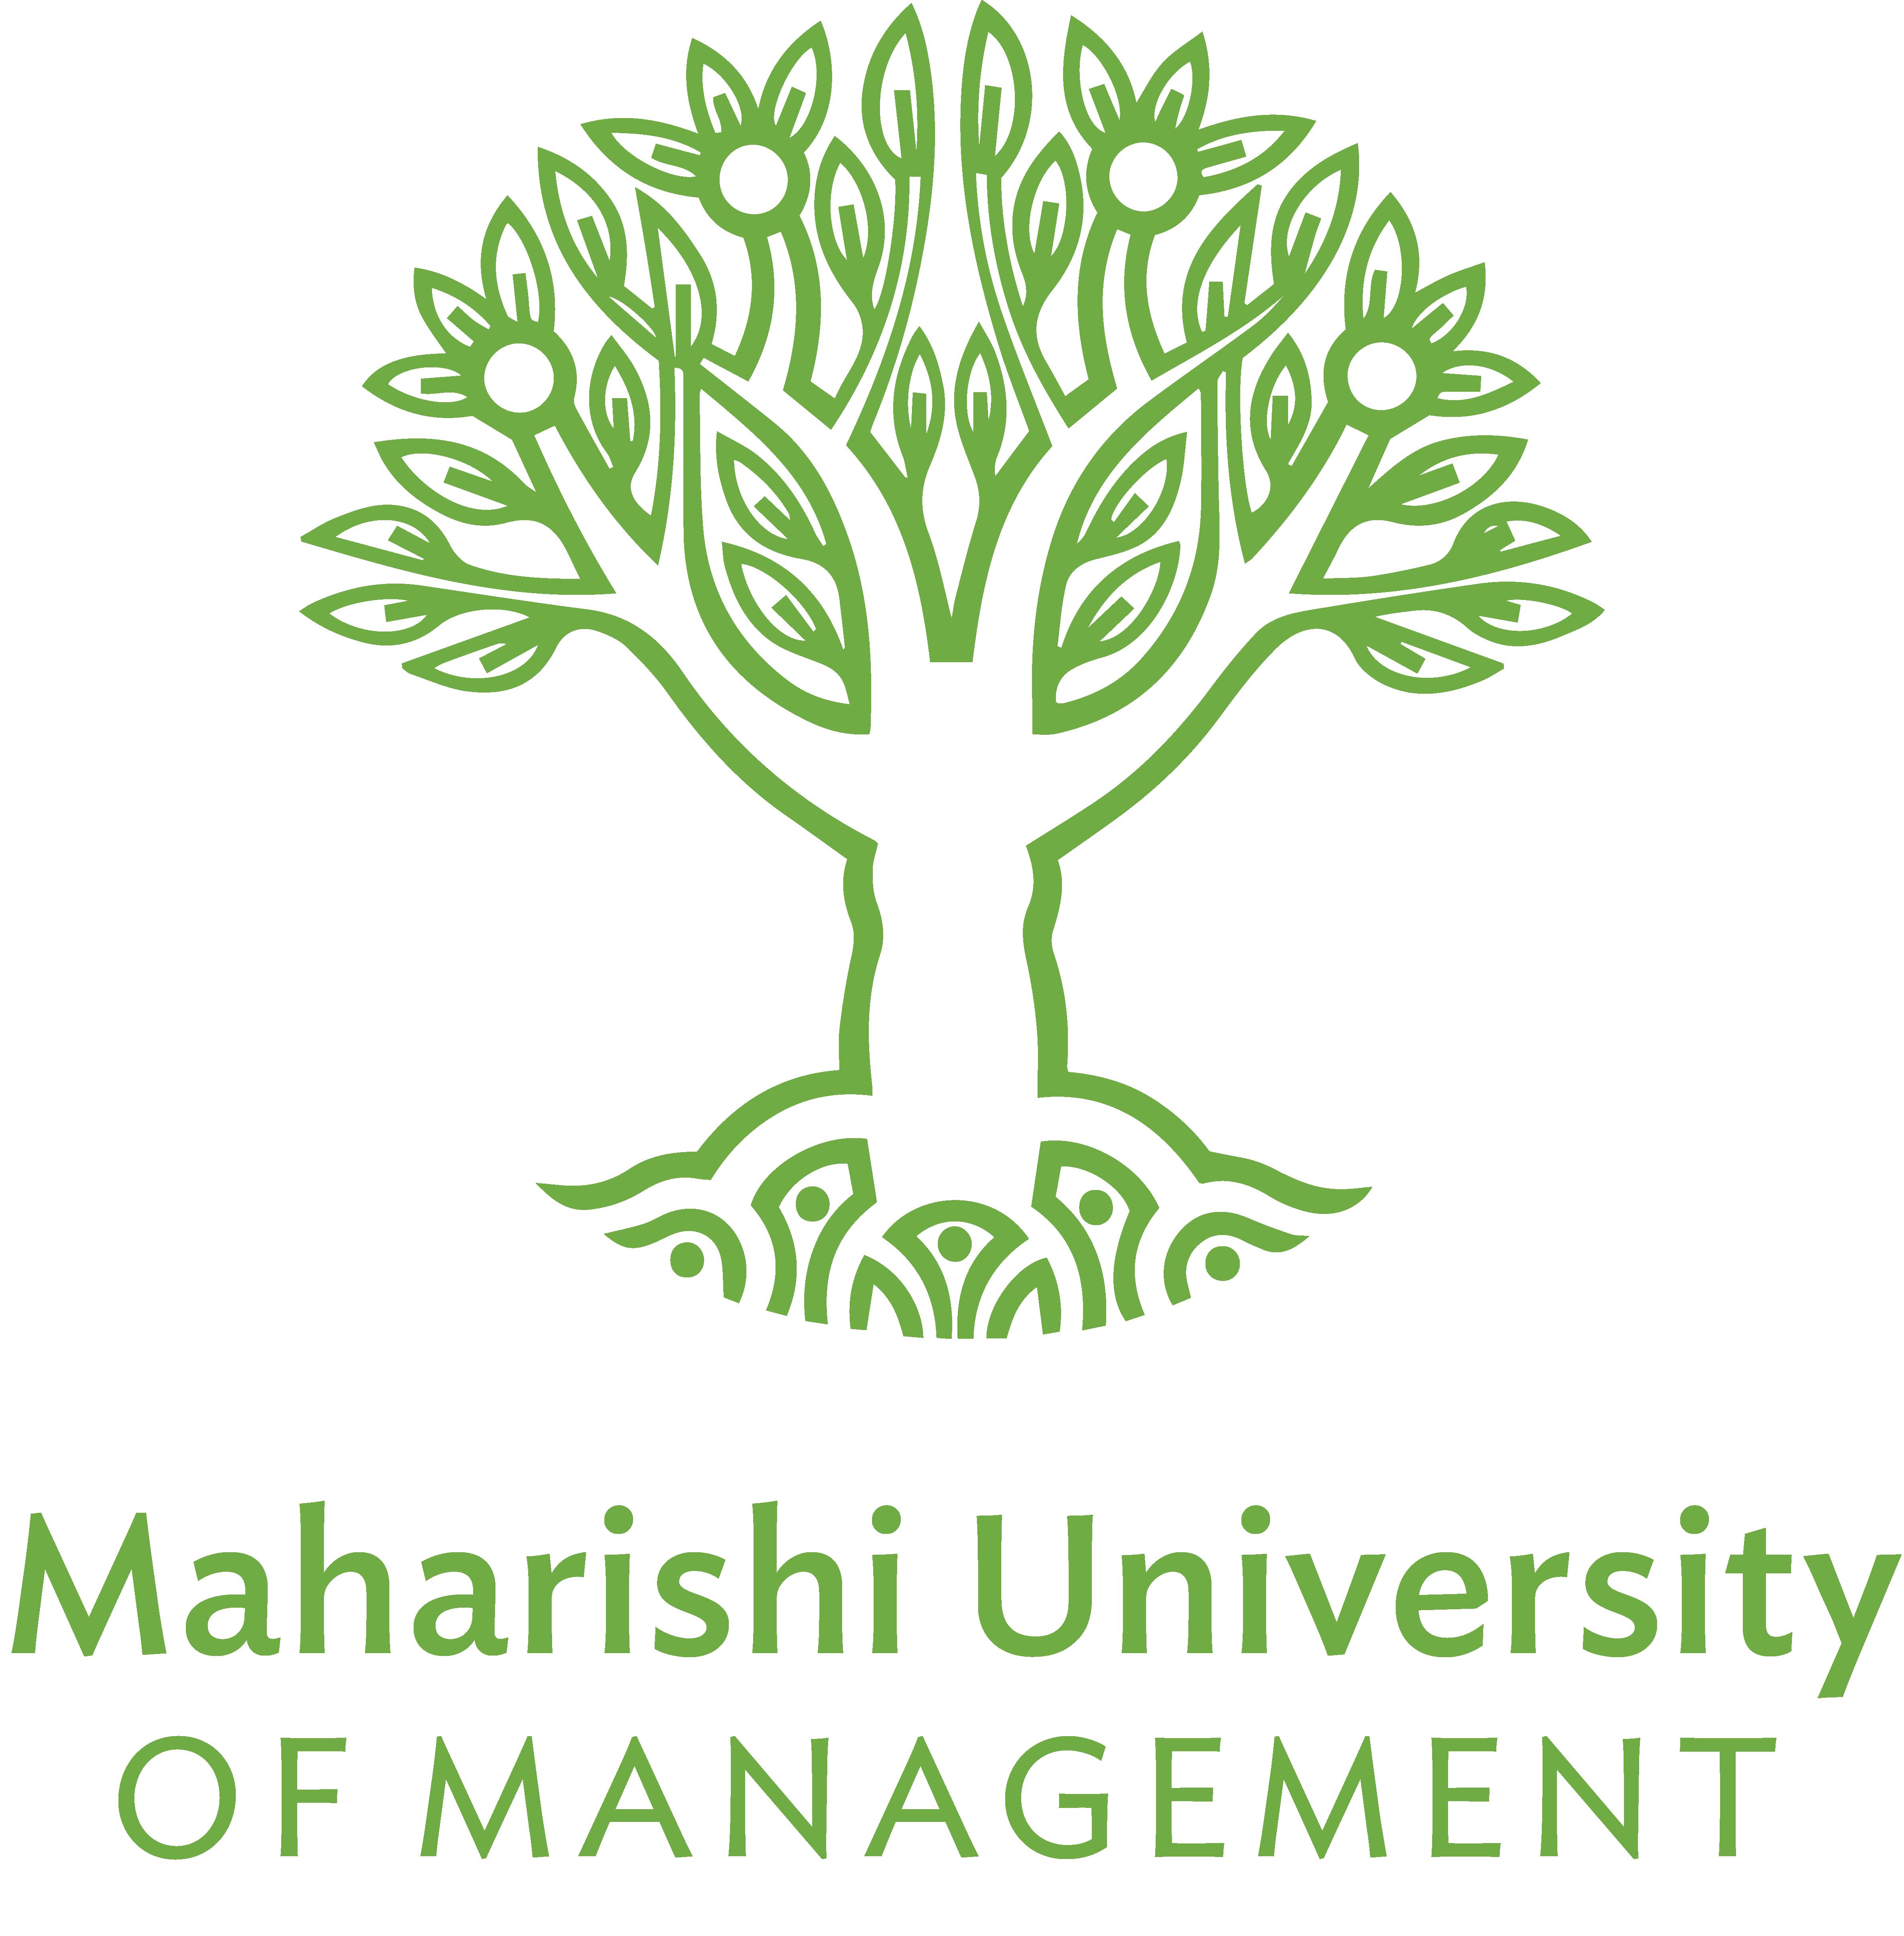 logo for Maharishi University of Management